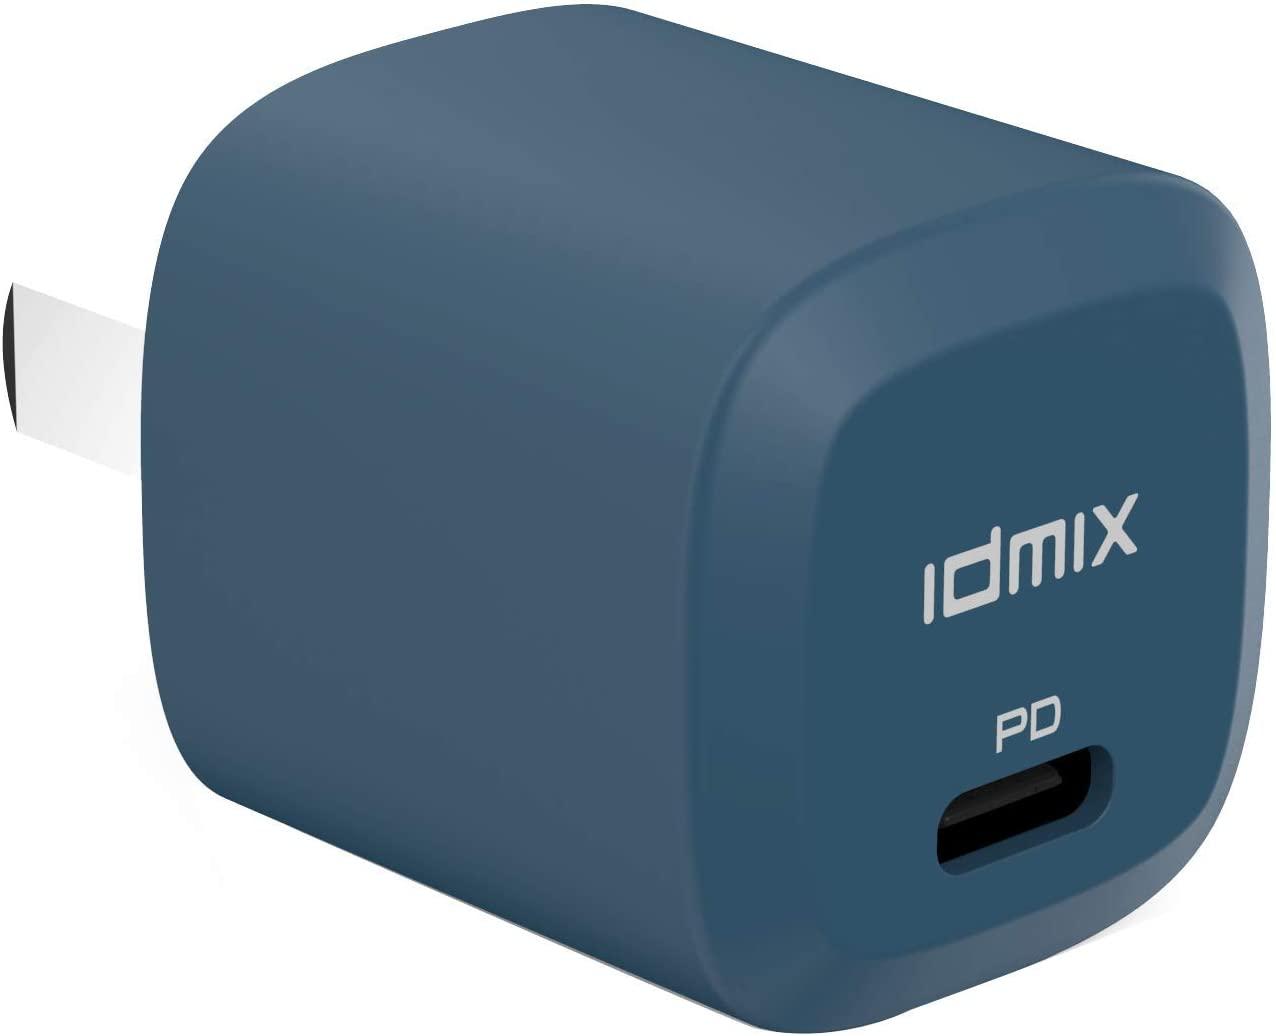 アマゾンでIDMIX USB-PD 20W充電器が1000円以下。